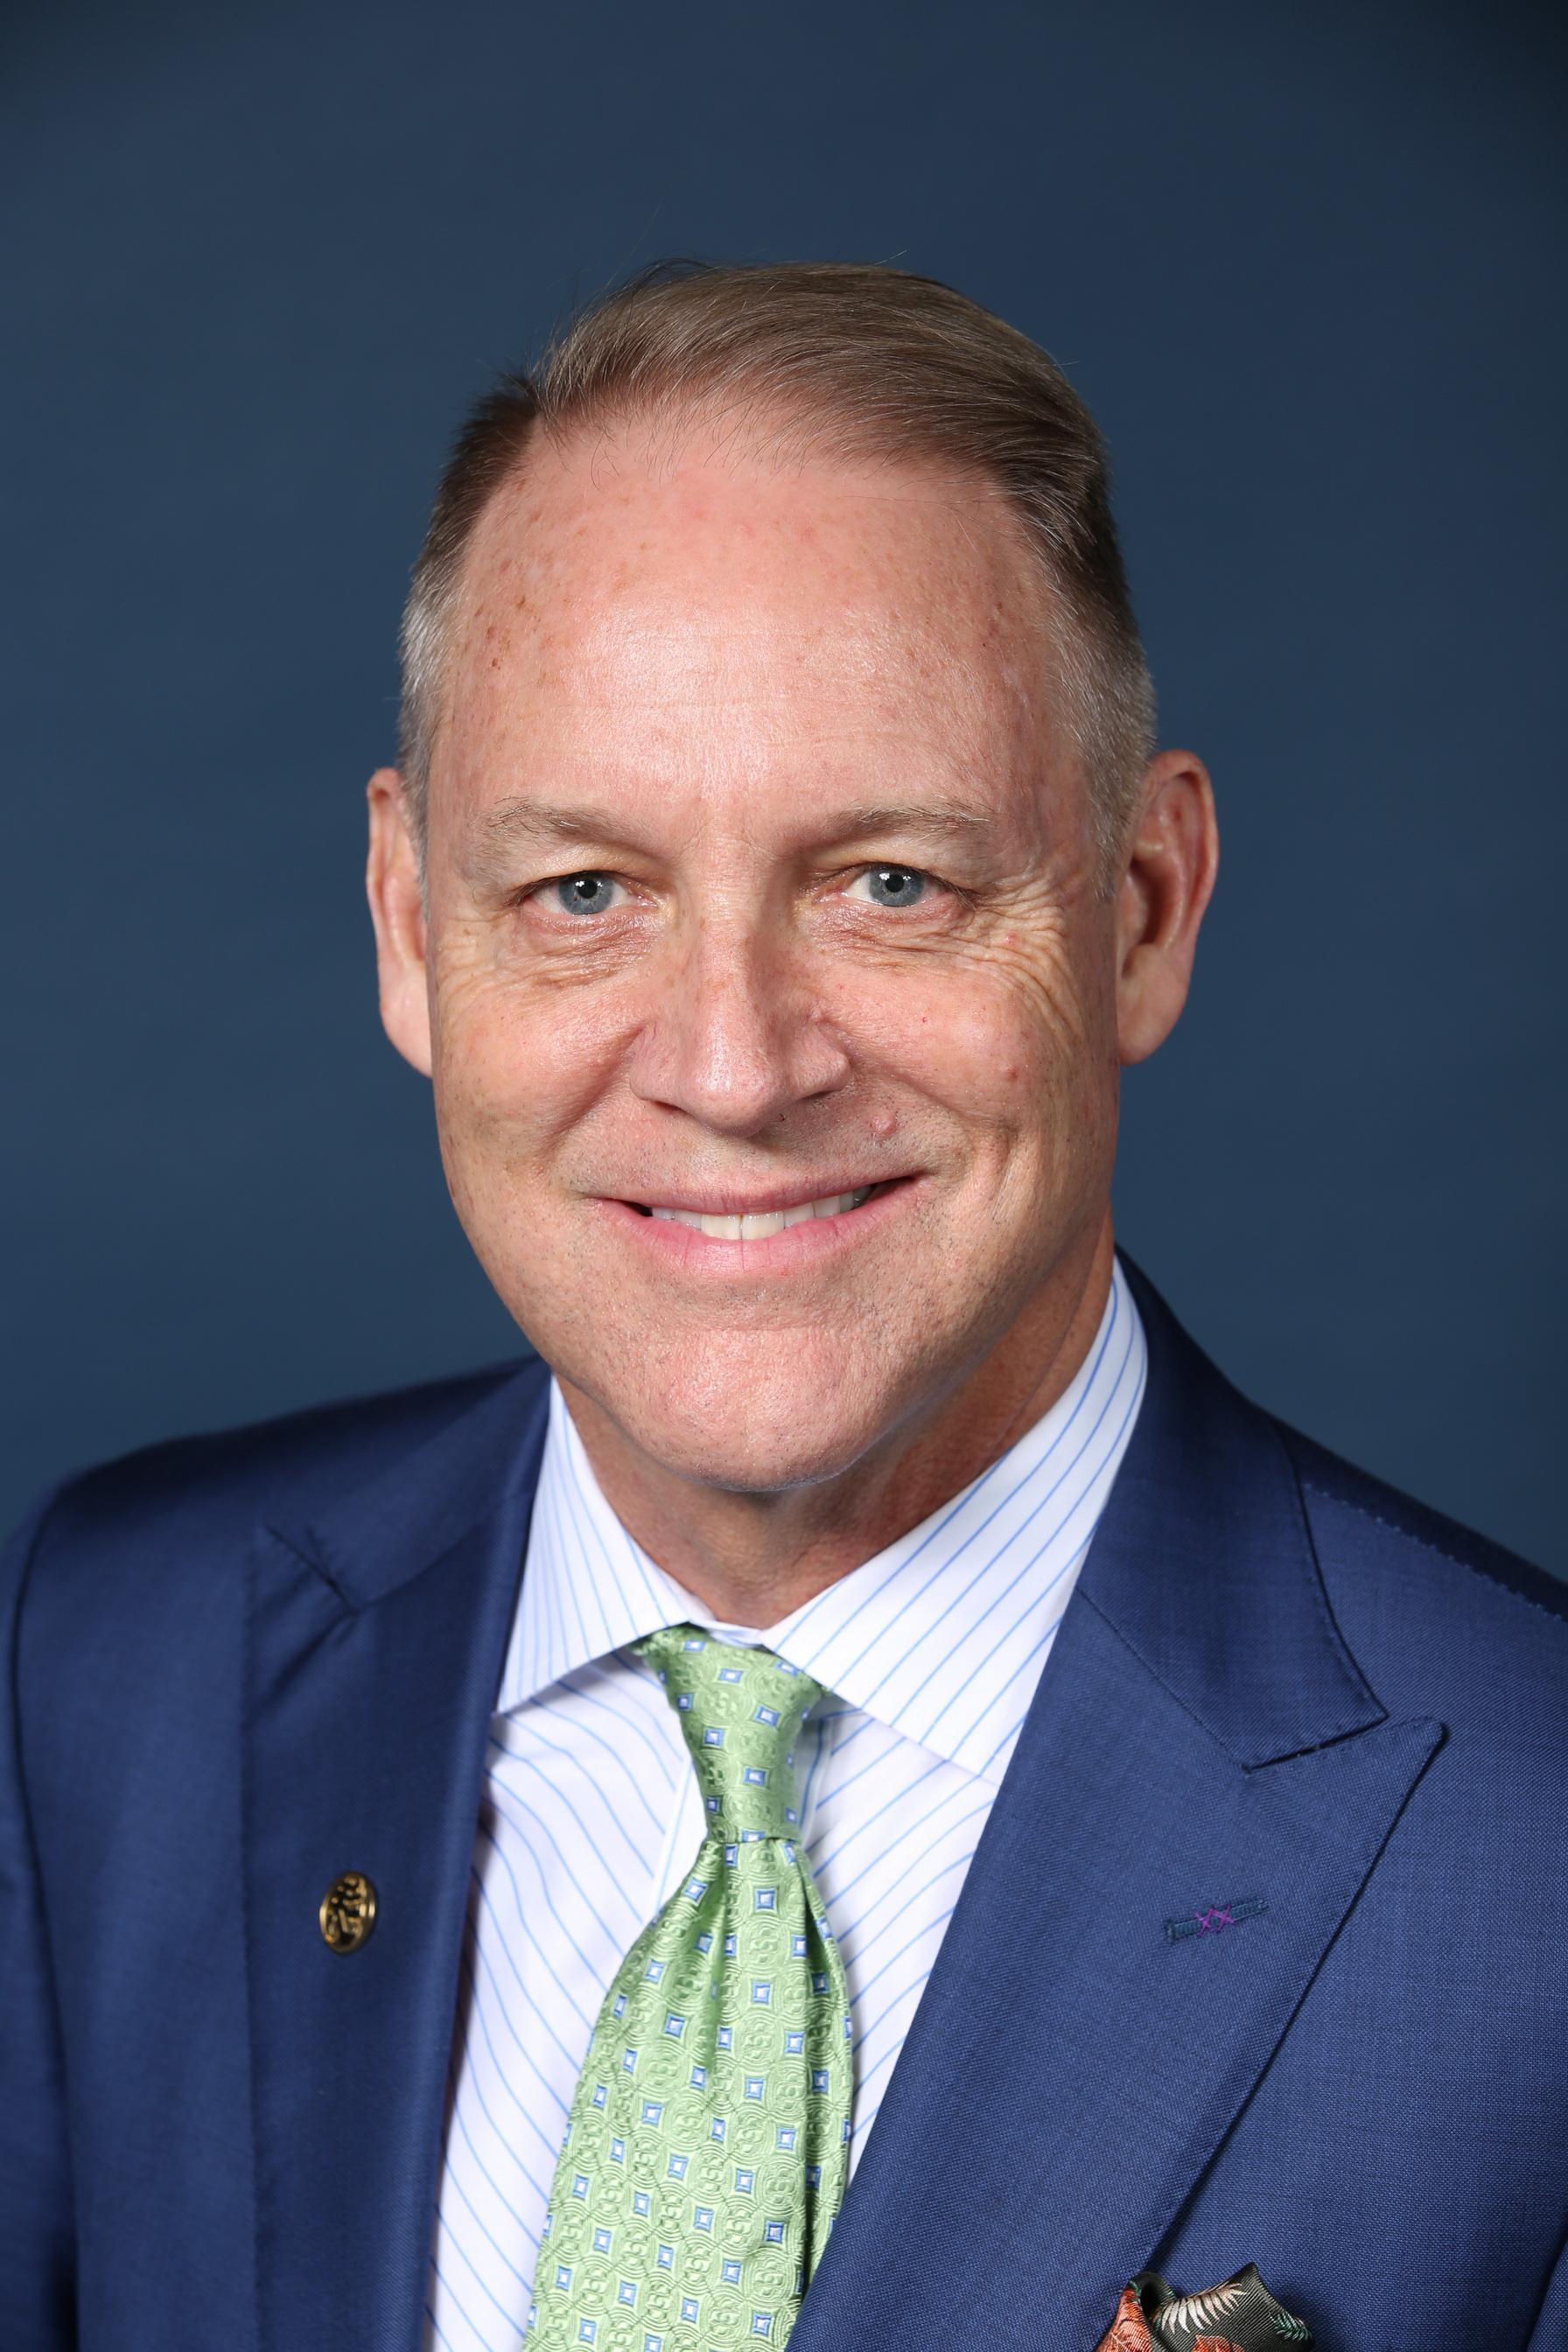 Thomas W. White, MD, FACS